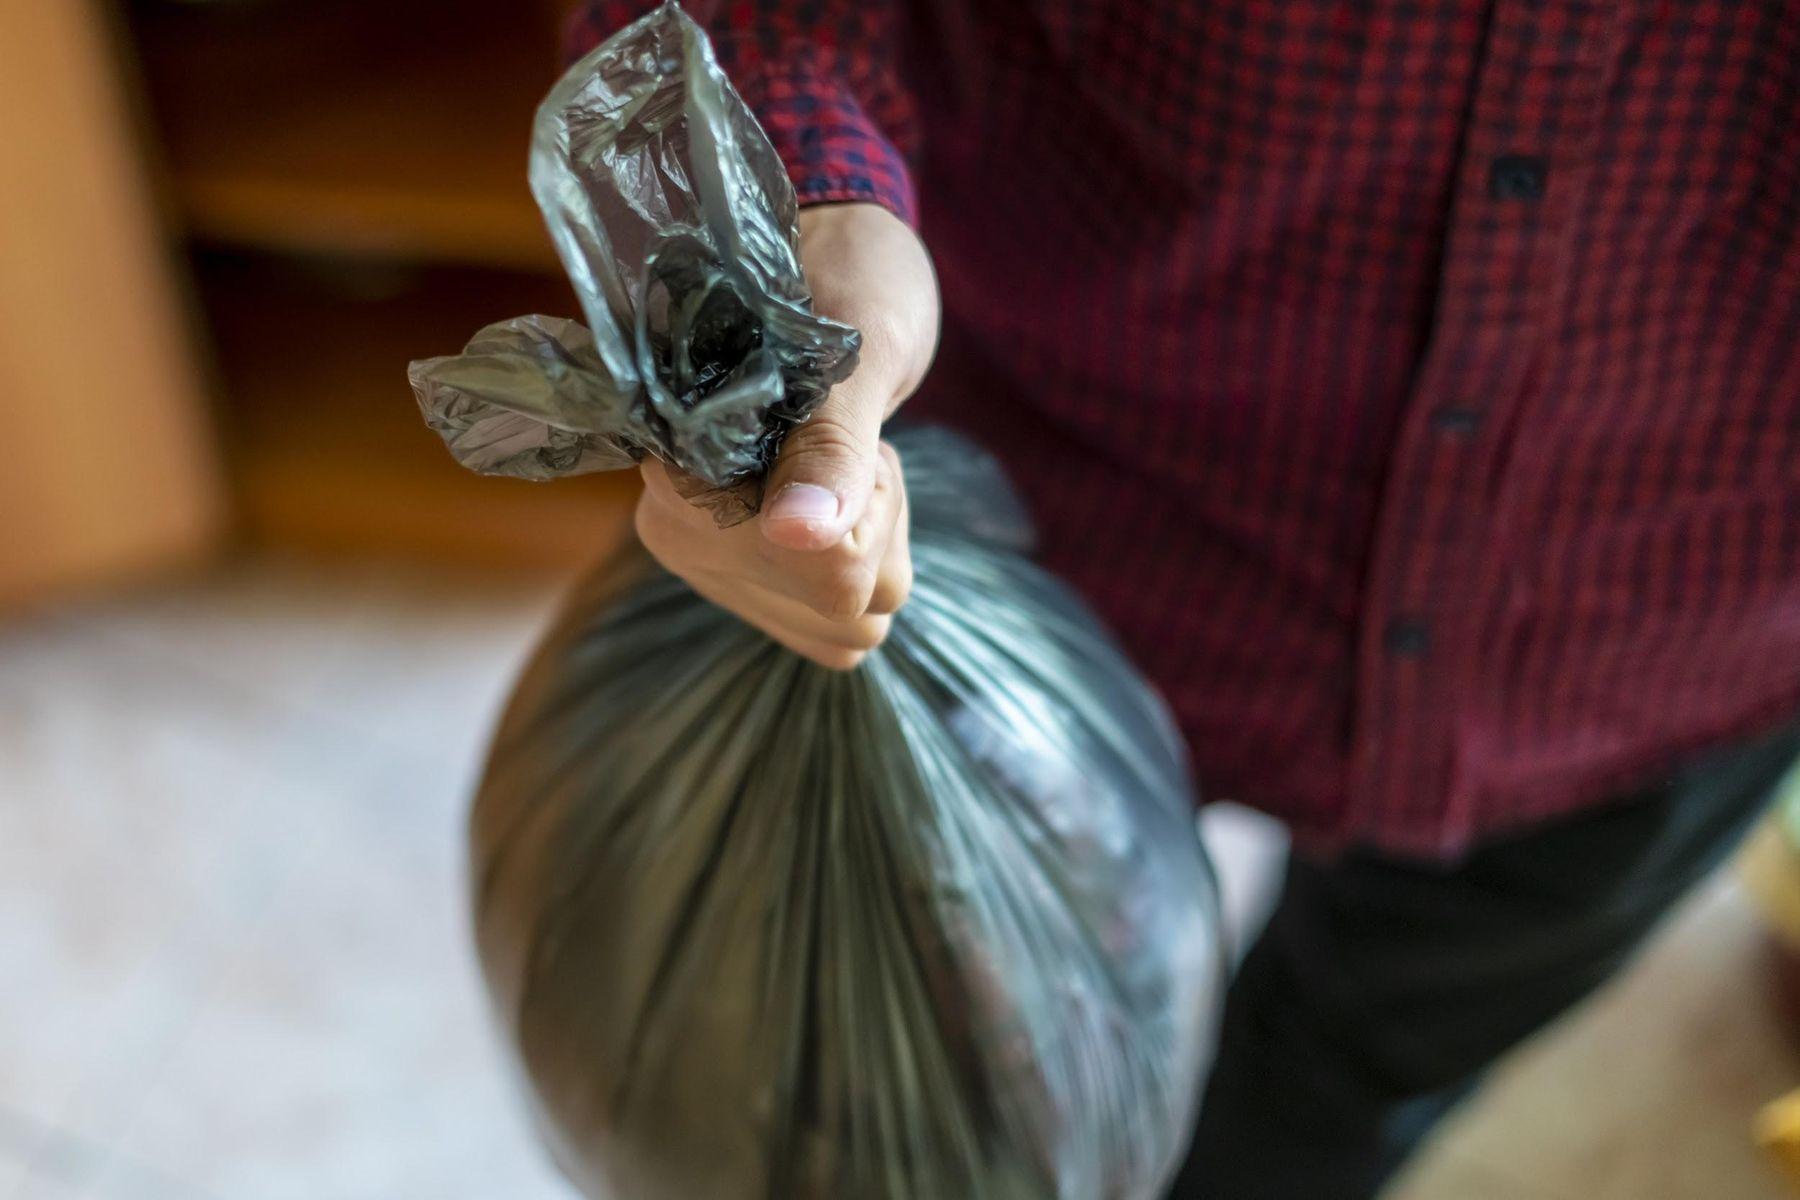 Homem segurando um saco de lixo fechado